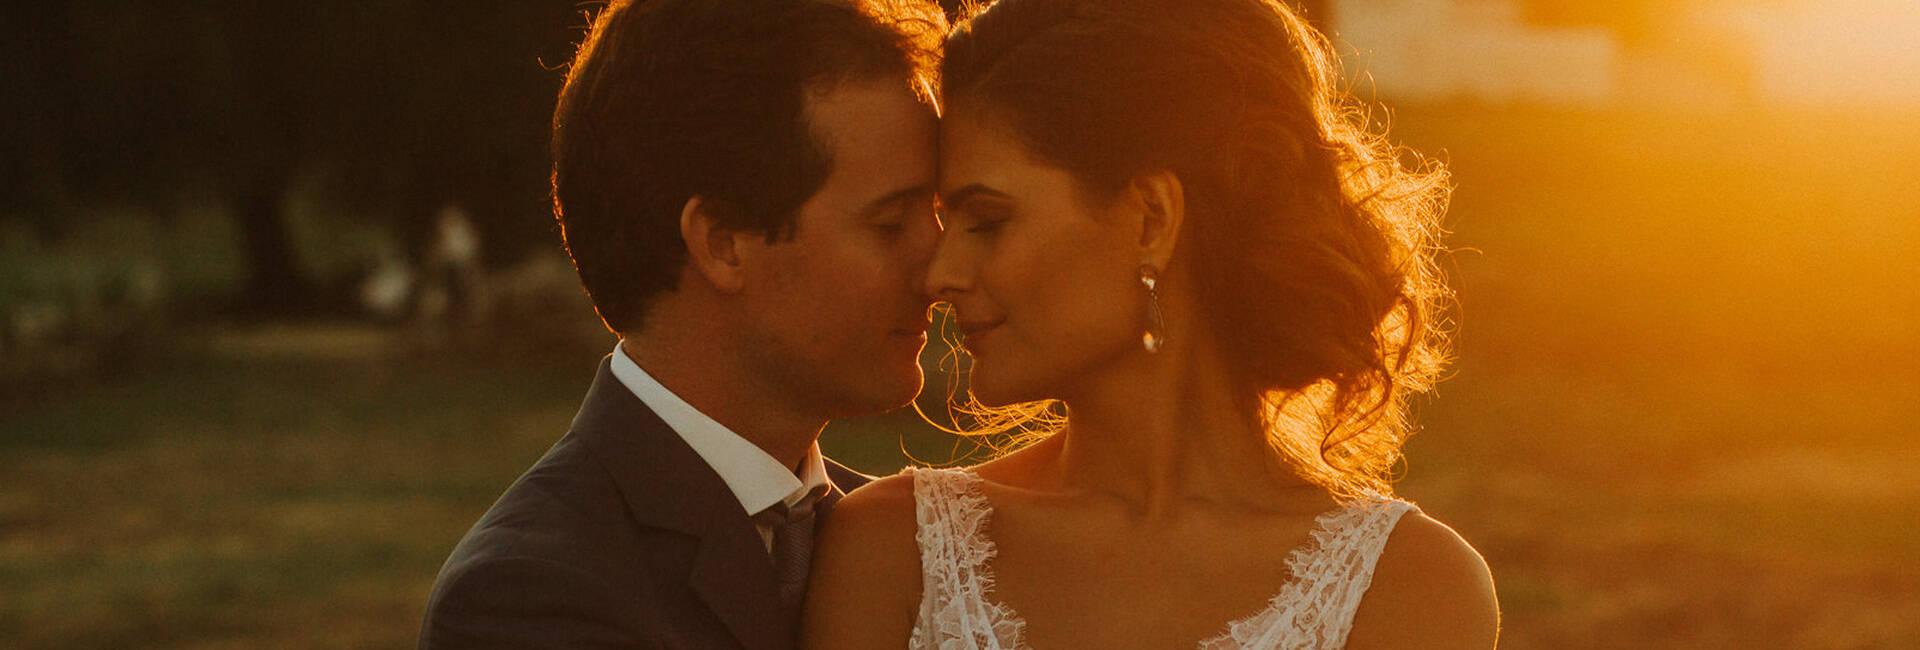 Casamento de Bruna e Guilherme